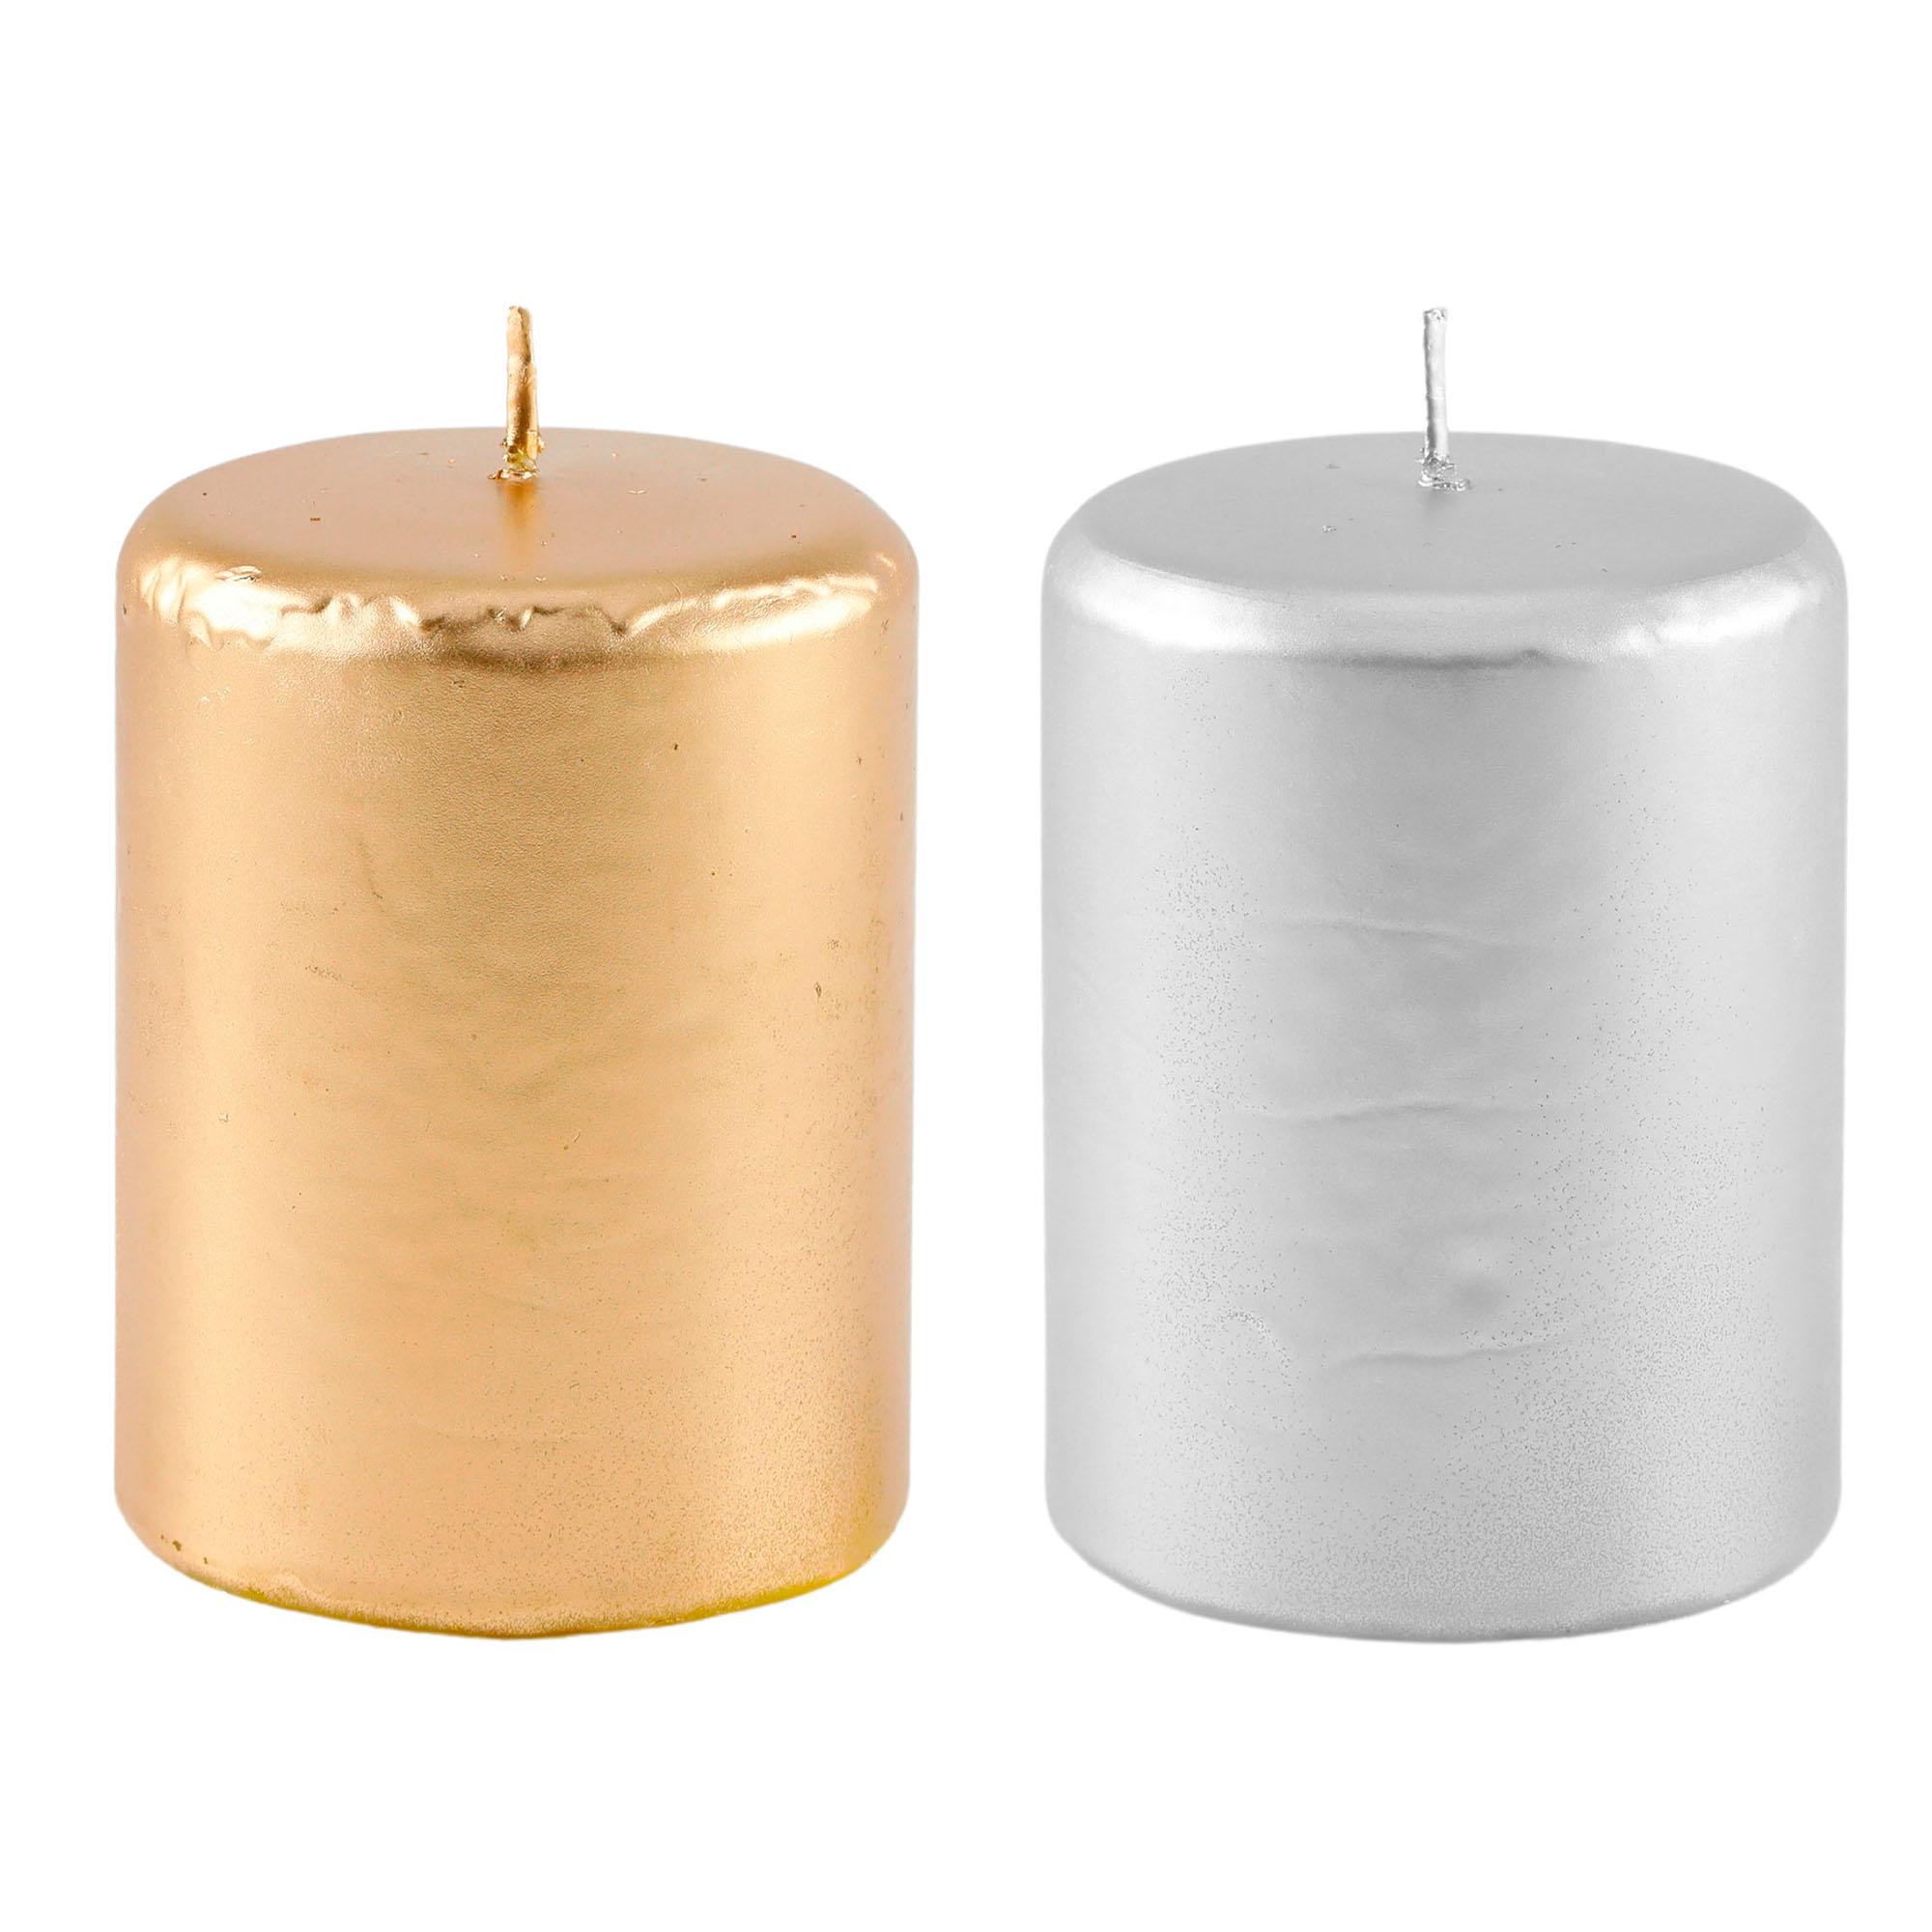 Vela cilíndrica Dourada ou Prateada 8cm x10 cm